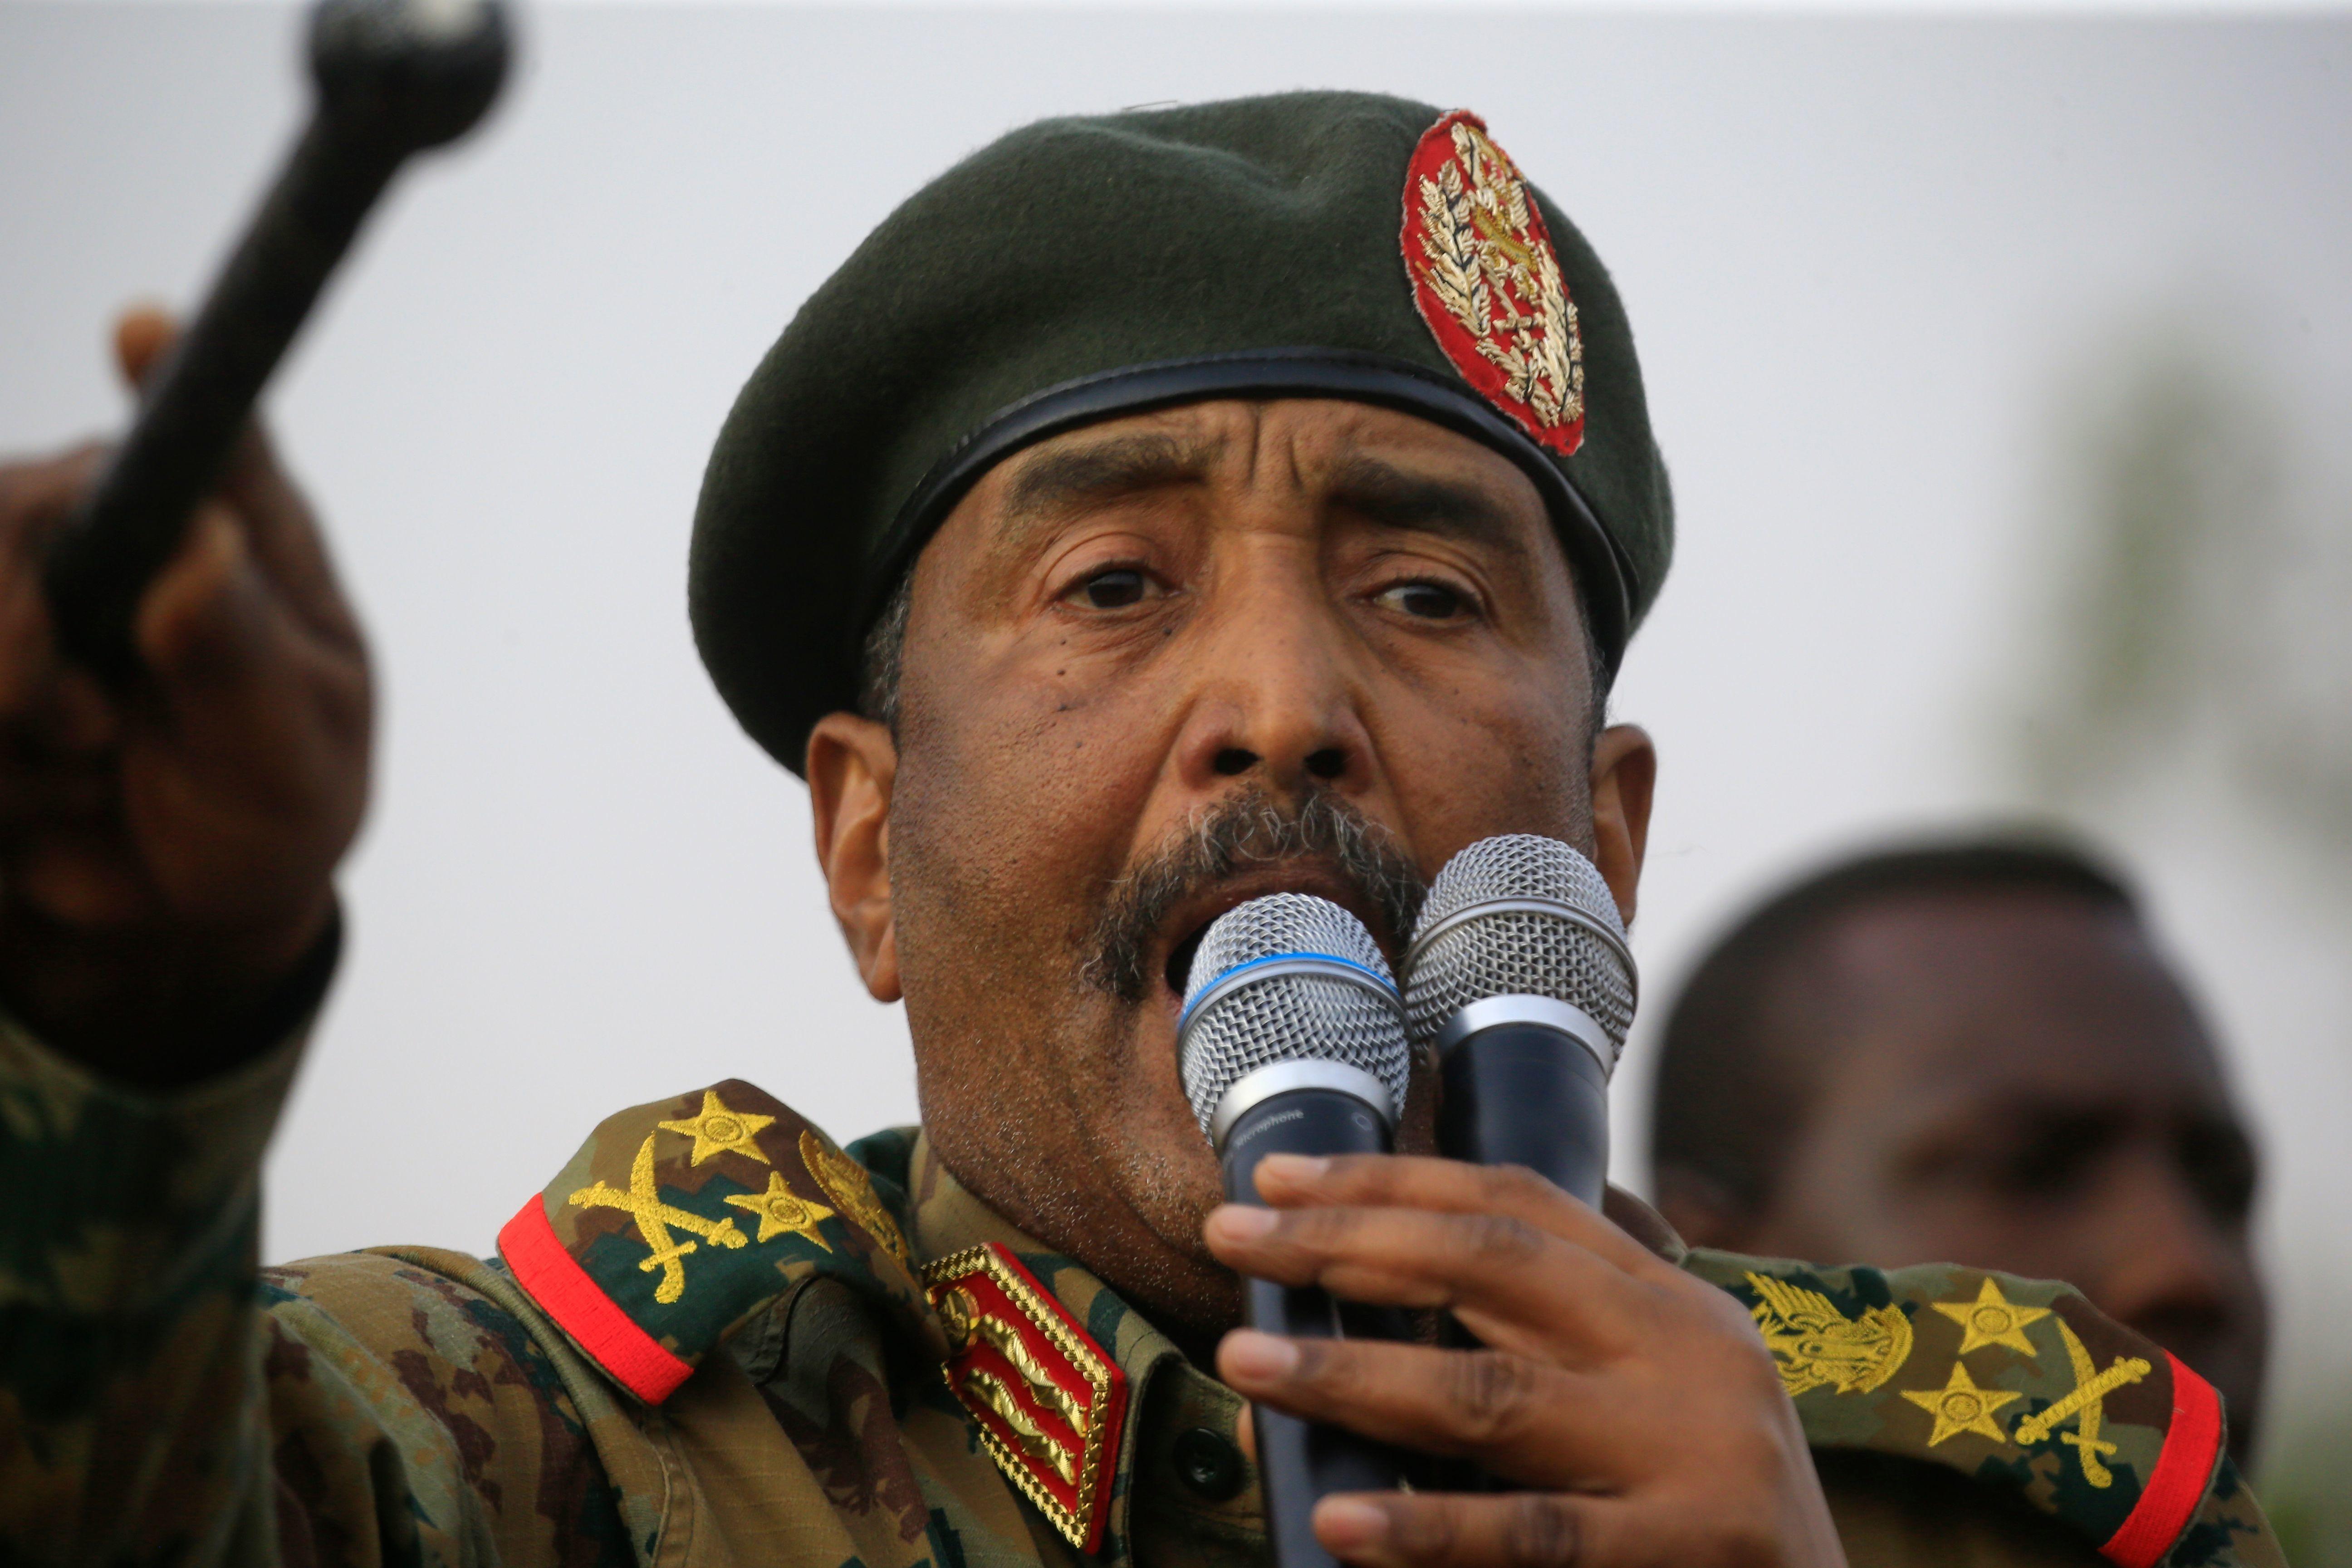 נשיא סודן הזמני, עבד אל-פתאח בורהאן. צילום: Getty Images